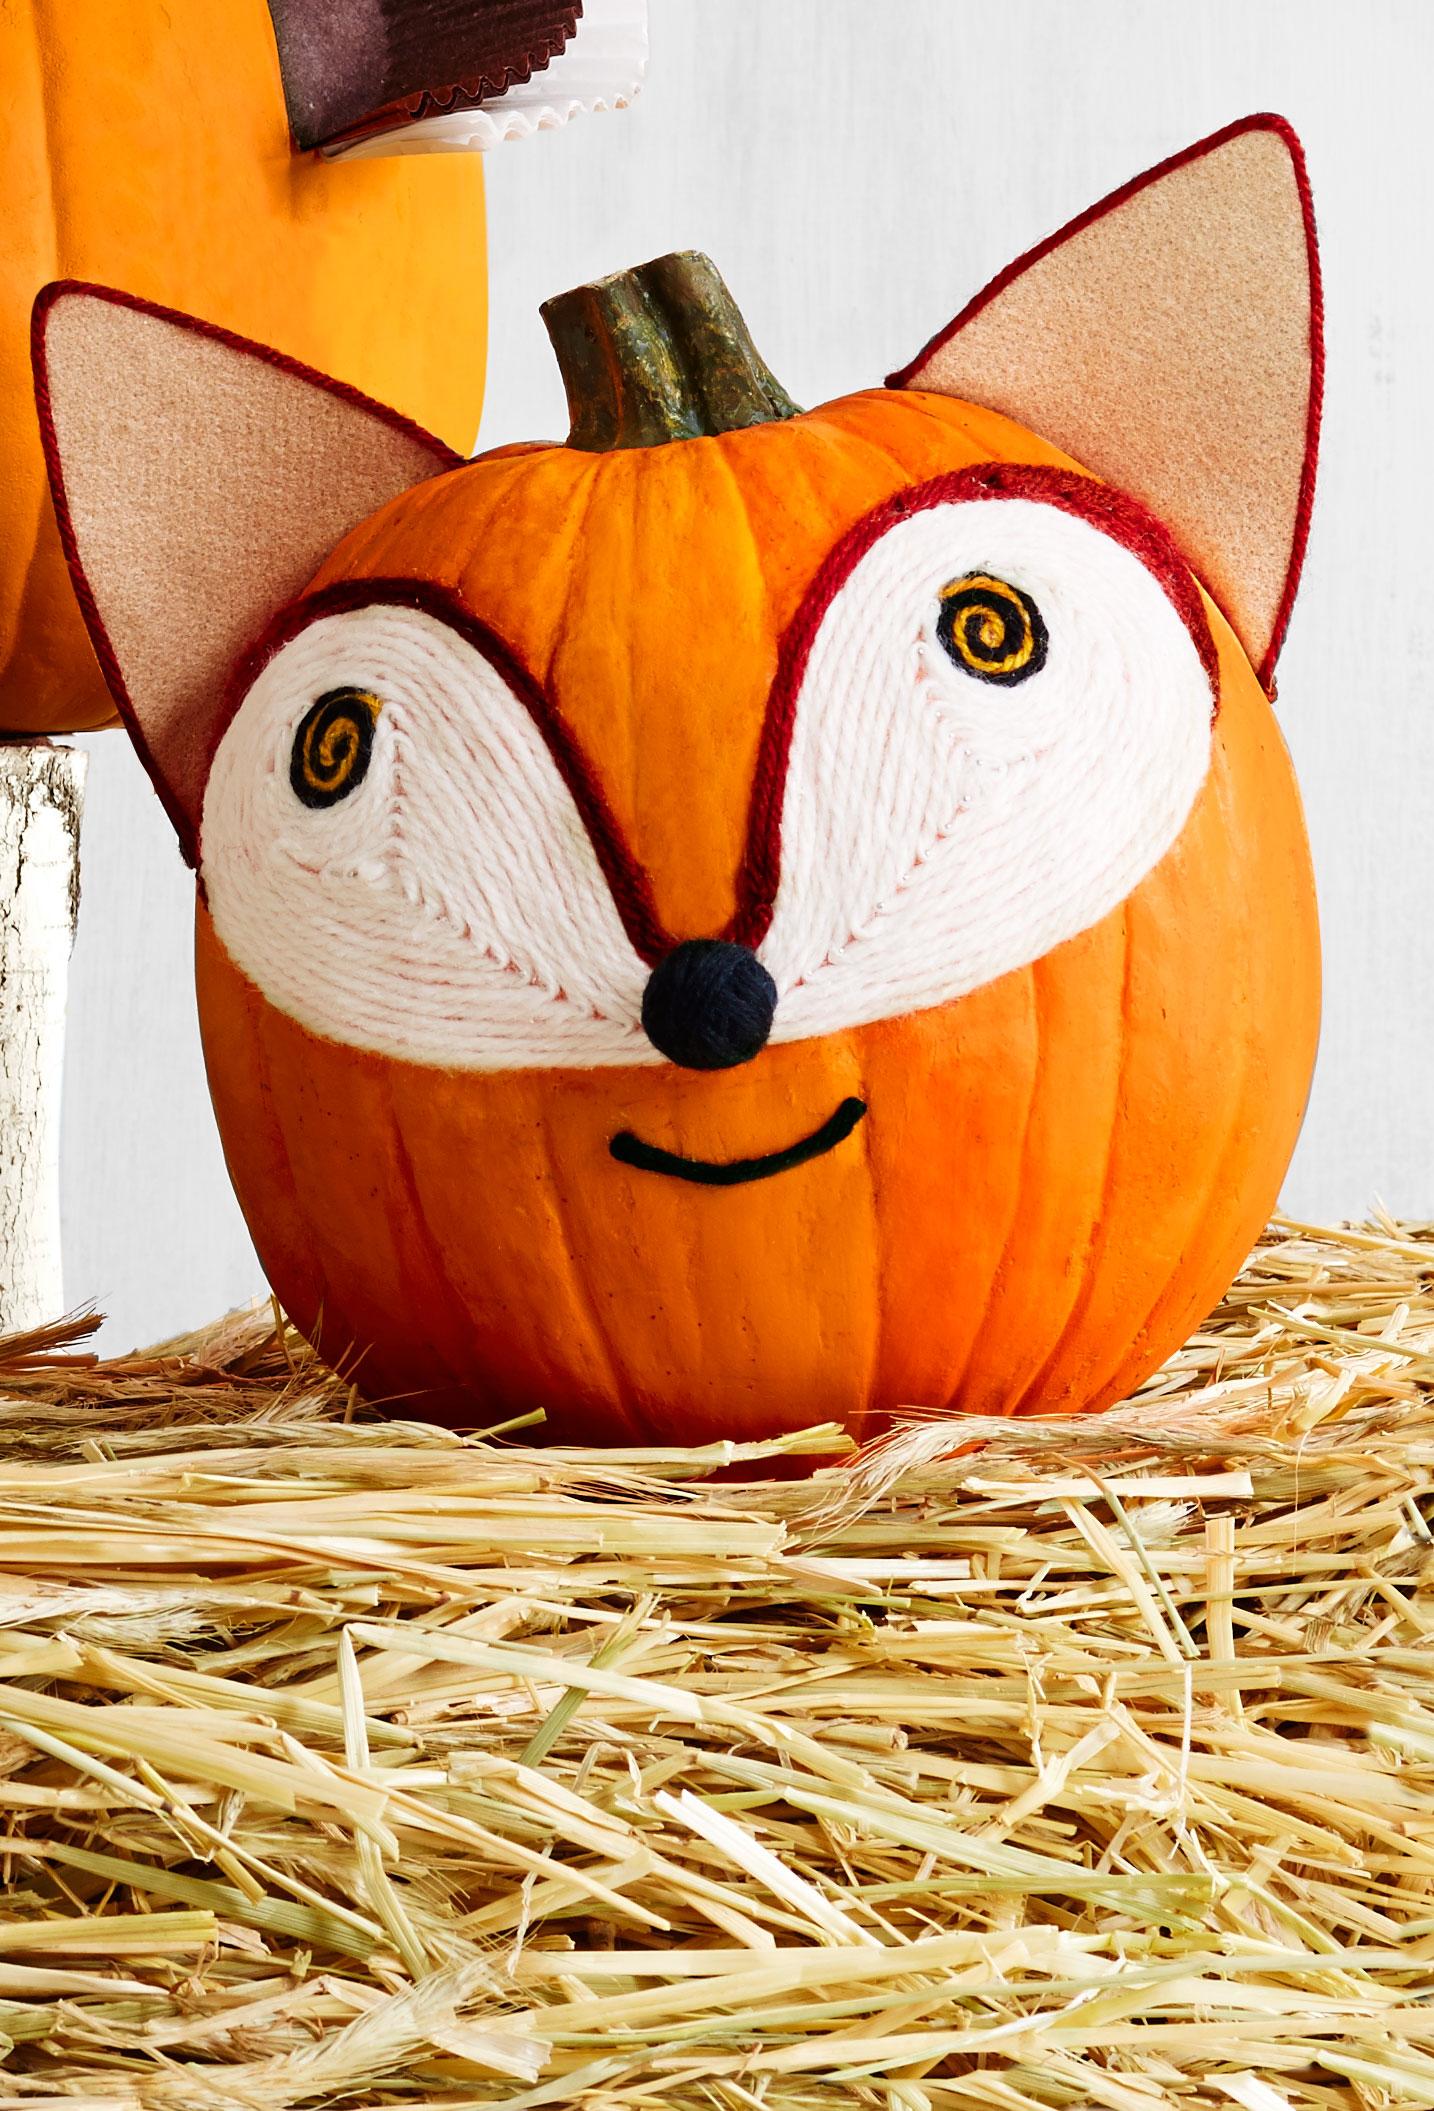 Mini pumpkin decorating ideas - 77 Cool Pumpkin Decorating Ideas Easy Halloween Pumpkin Decorations And Crafts 2016